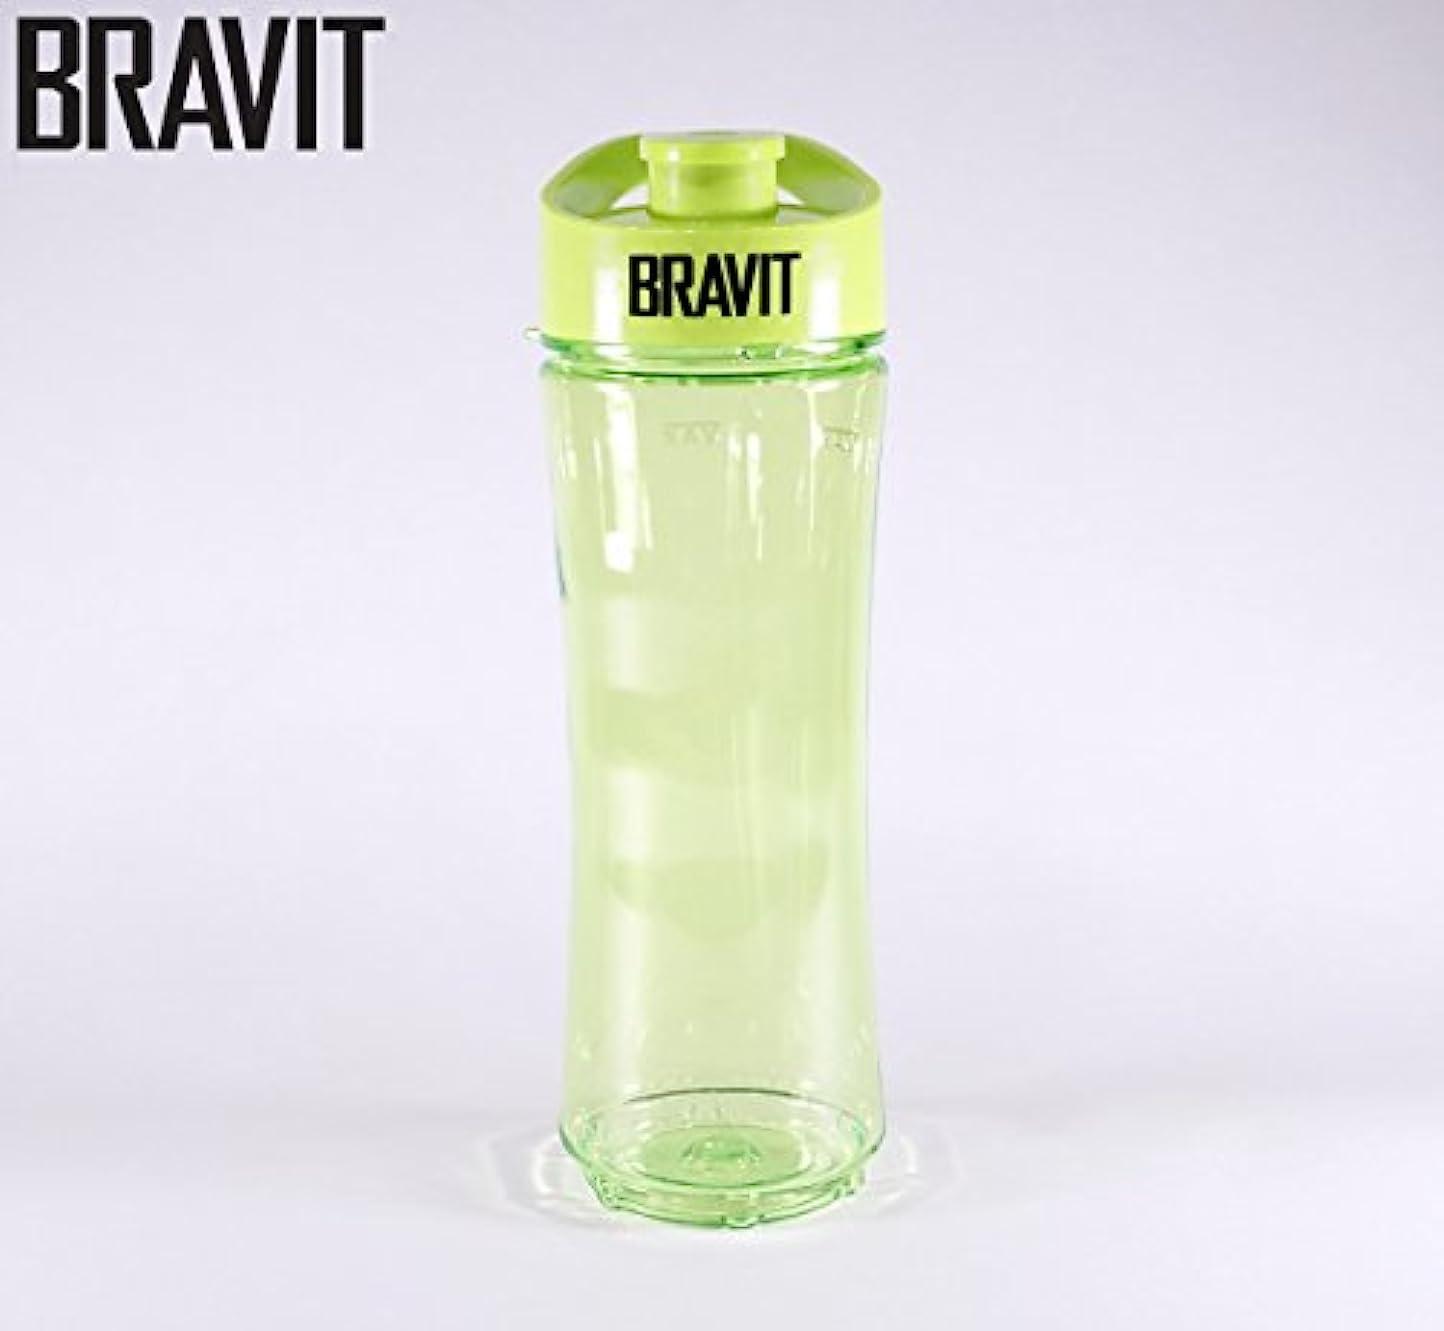 覚醒嵐が丘入浴BRAVIT Personal Sports Bottle, Smoothie, Shake Maker with Travel Lead for BRAVIT Personal Sports Blender by BRAVIT